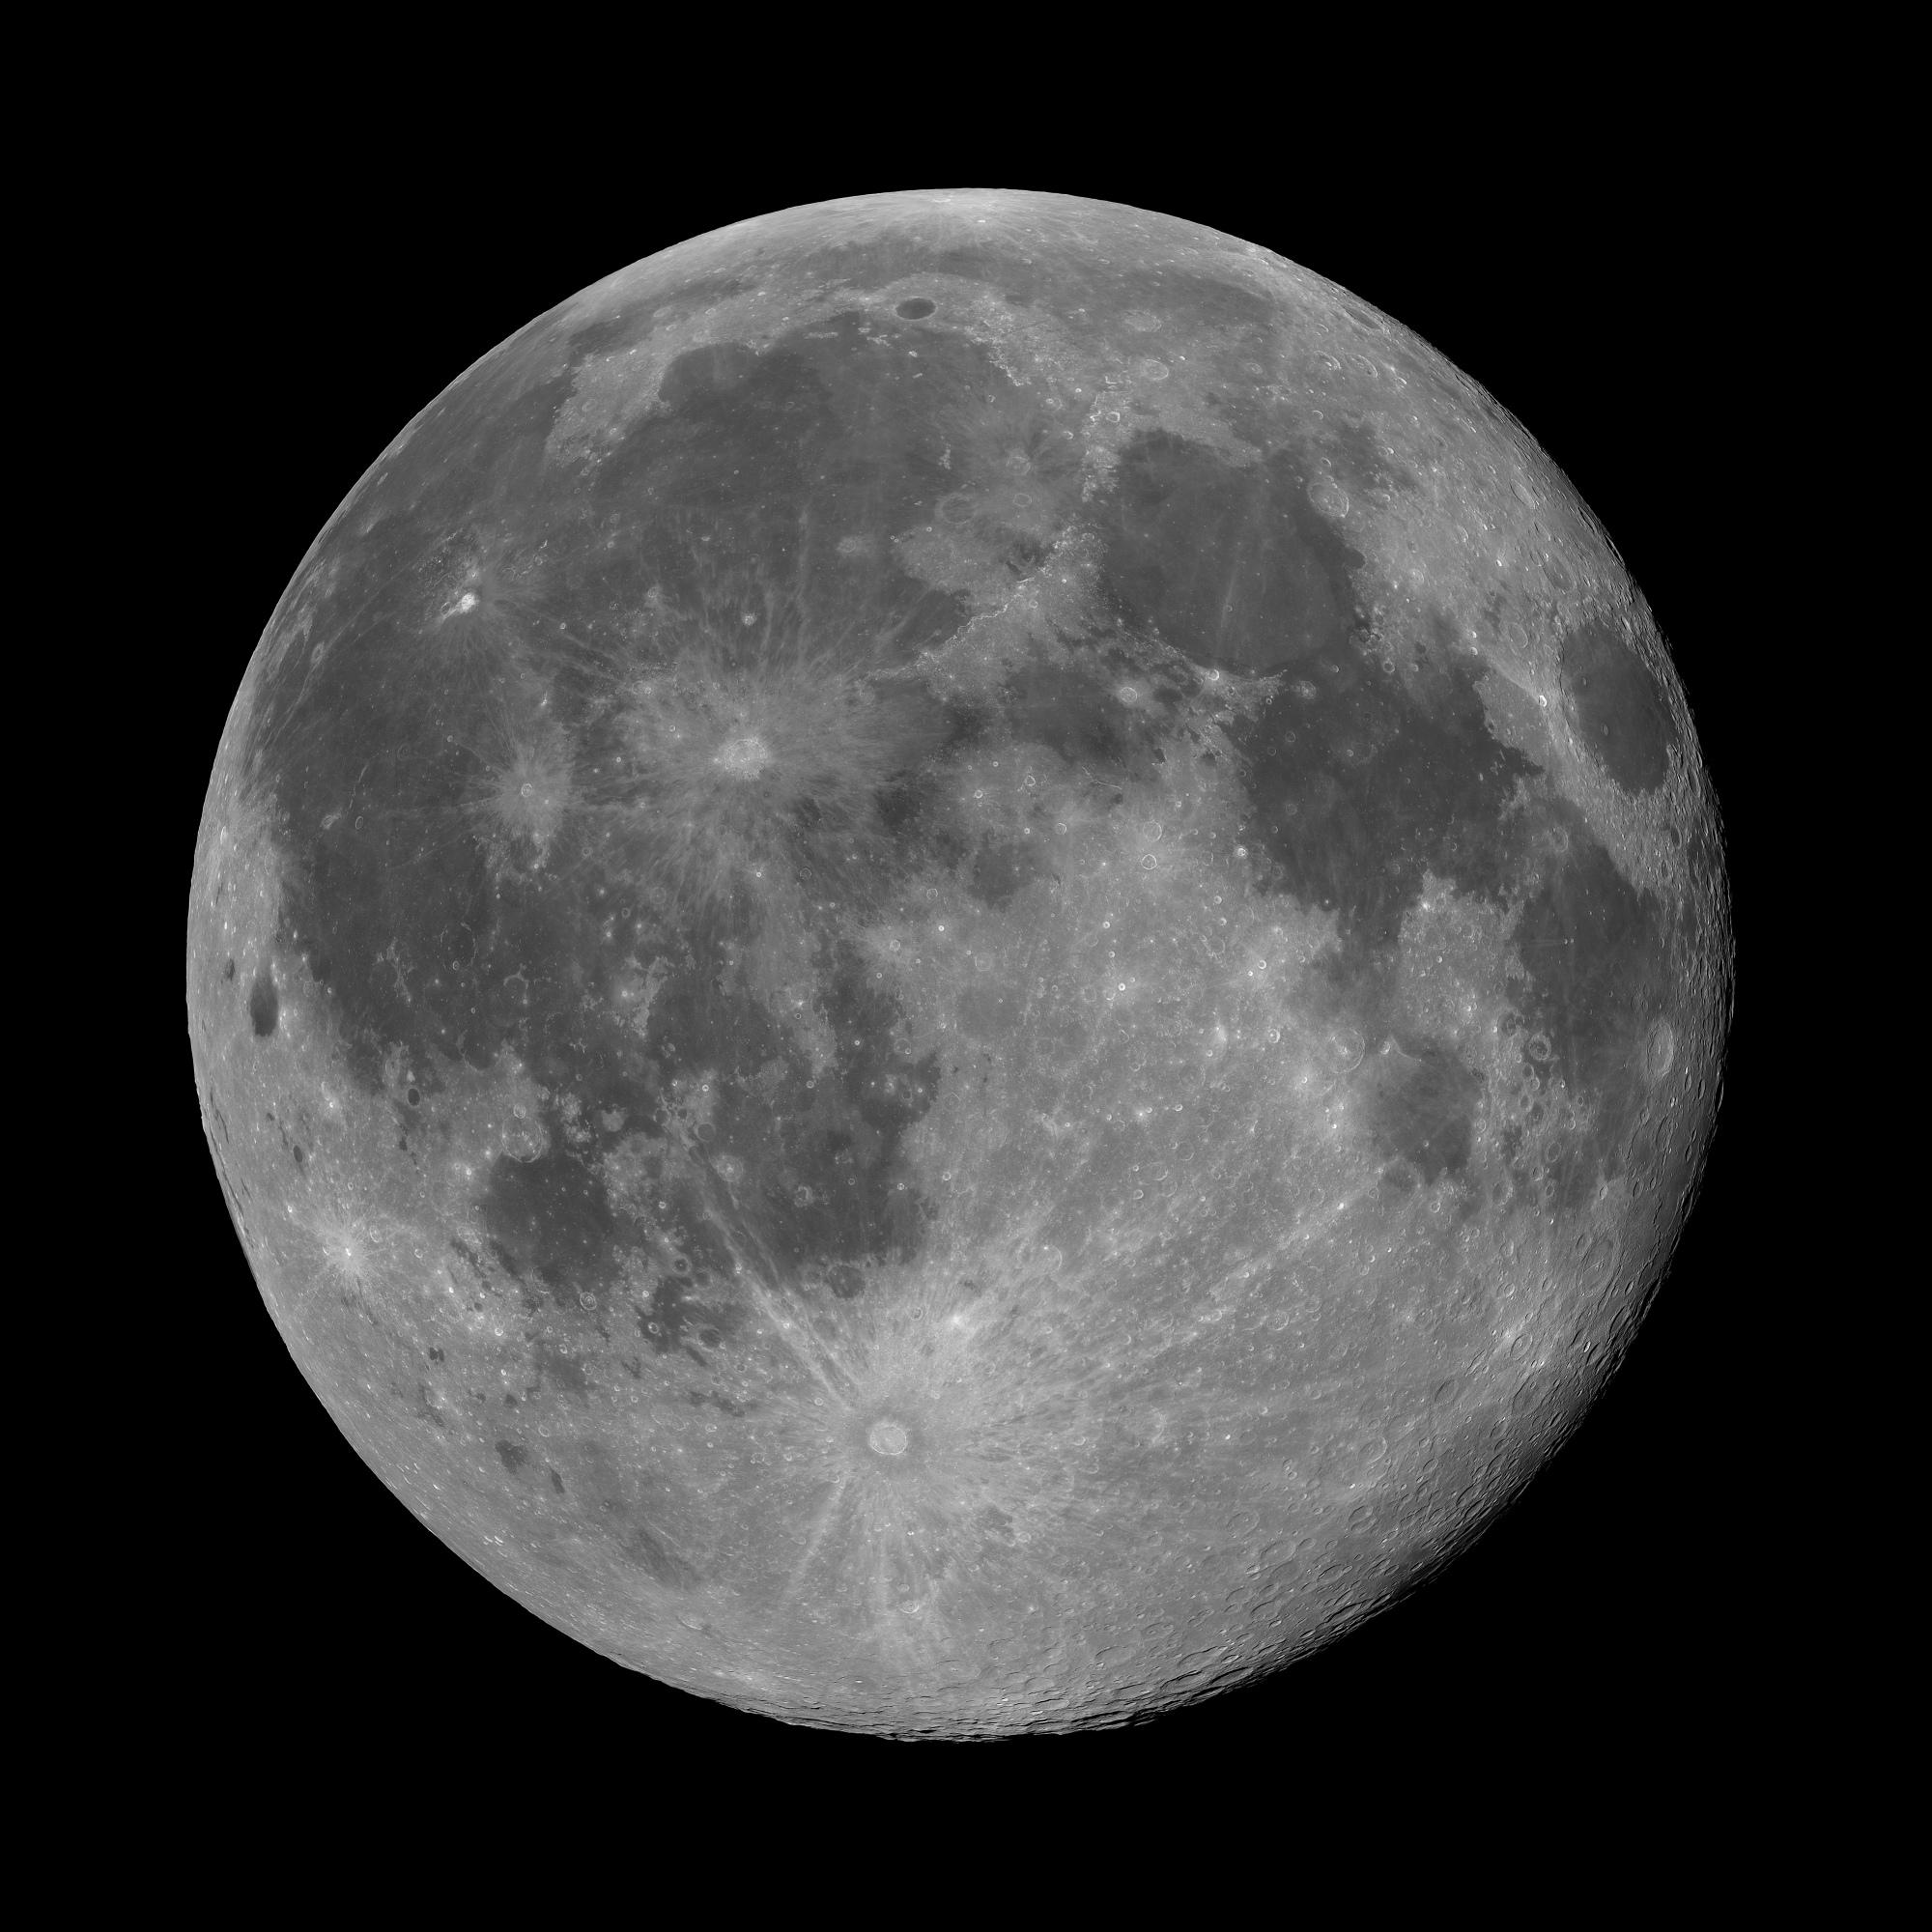 Lune-20210228_Mosa-PSAS.thumb.jpg.06f0c6ec5d439578d3dbf04e29ec2adf.jpg